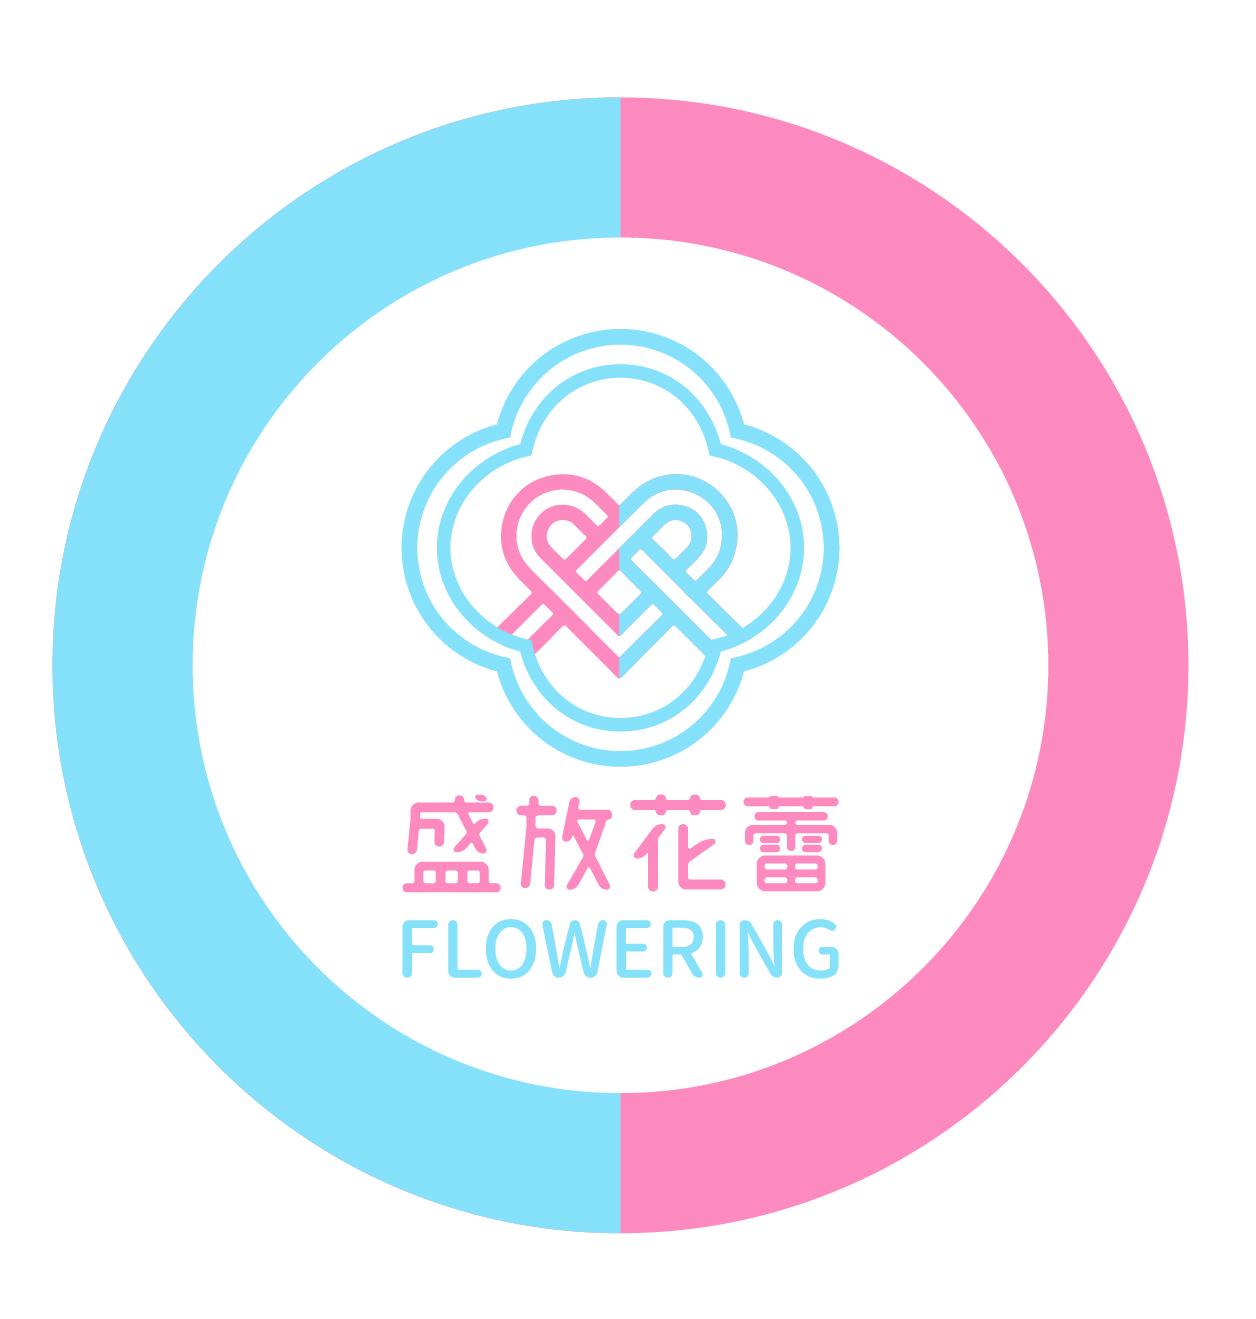 「聖公會北區青年服務隊」-Flowering 2020《IG互動遊戲》